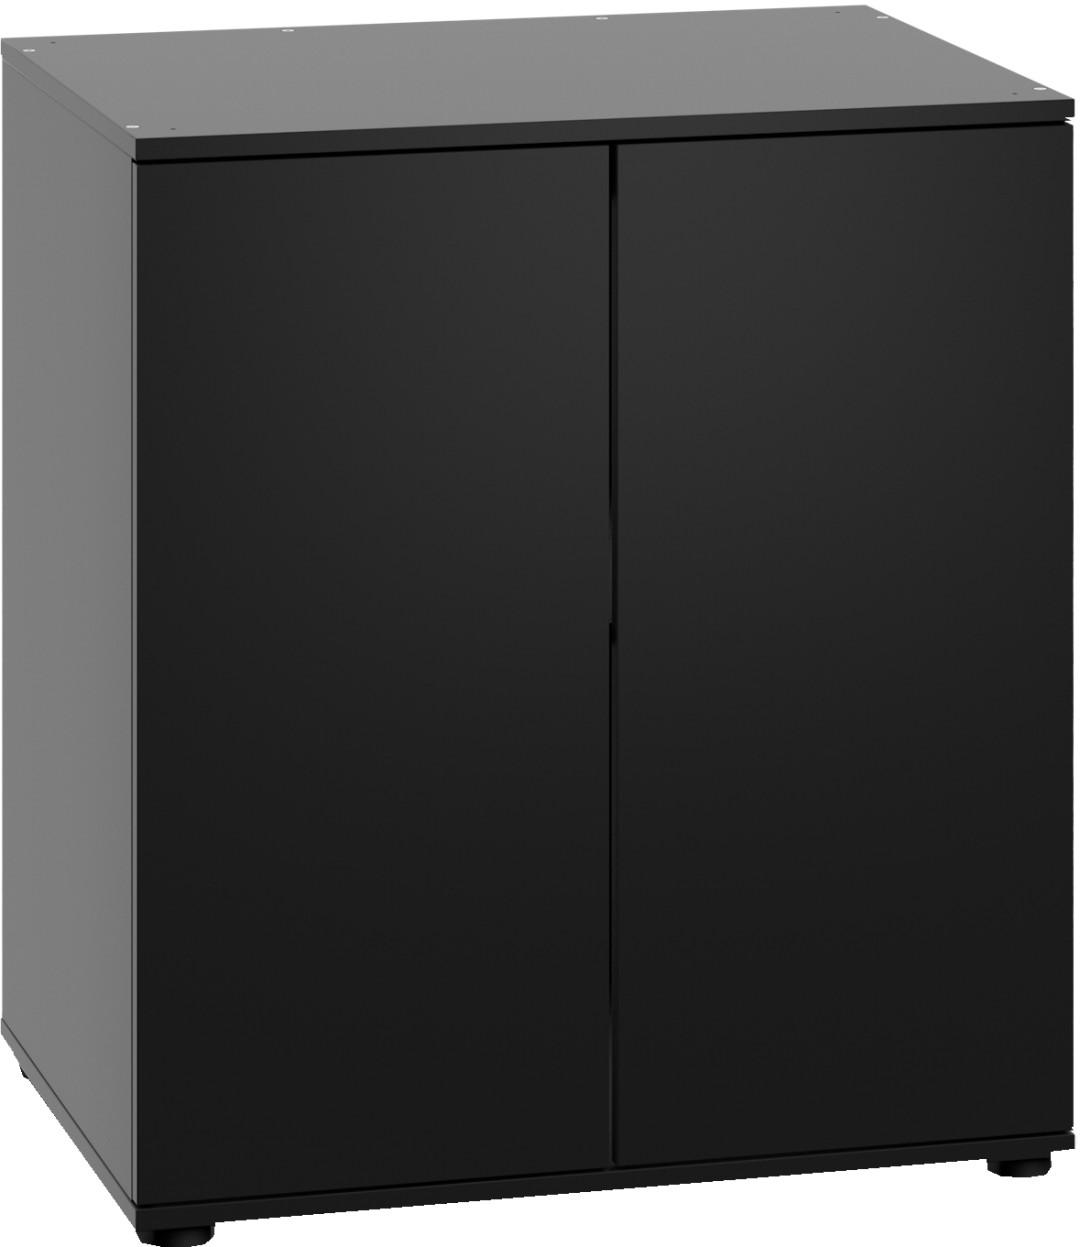 Juwel meubel Lido 200 zwart